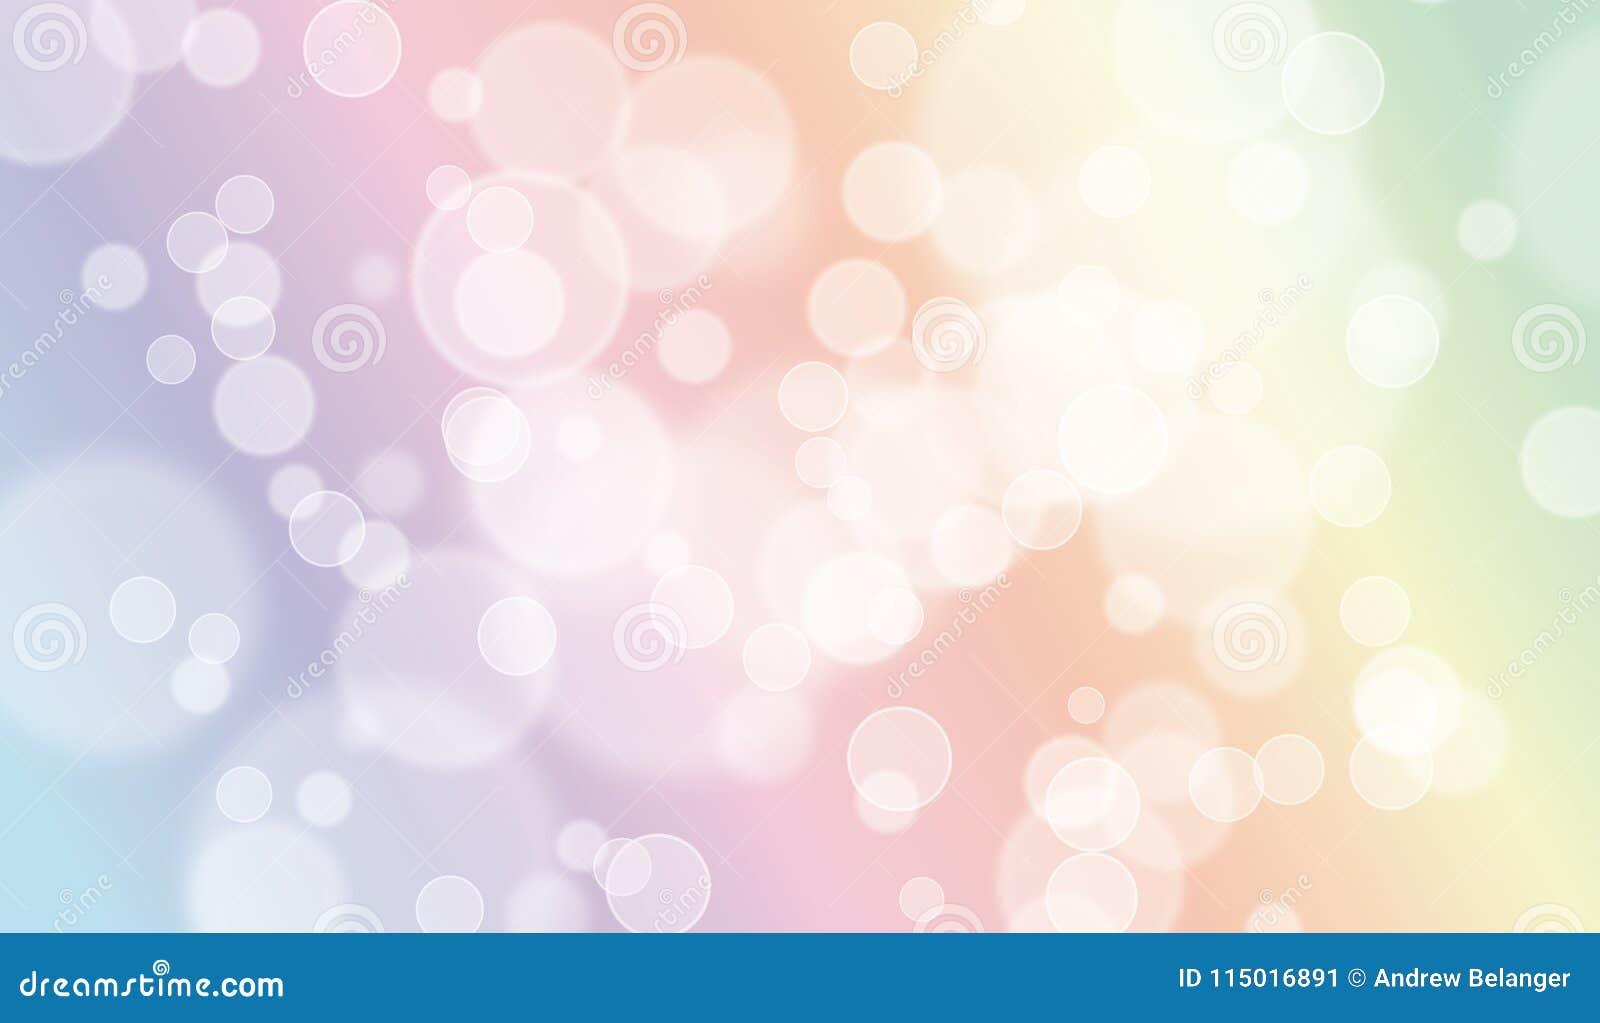 Aesthetic Pastel Bokeh Background Design Stock Illustration